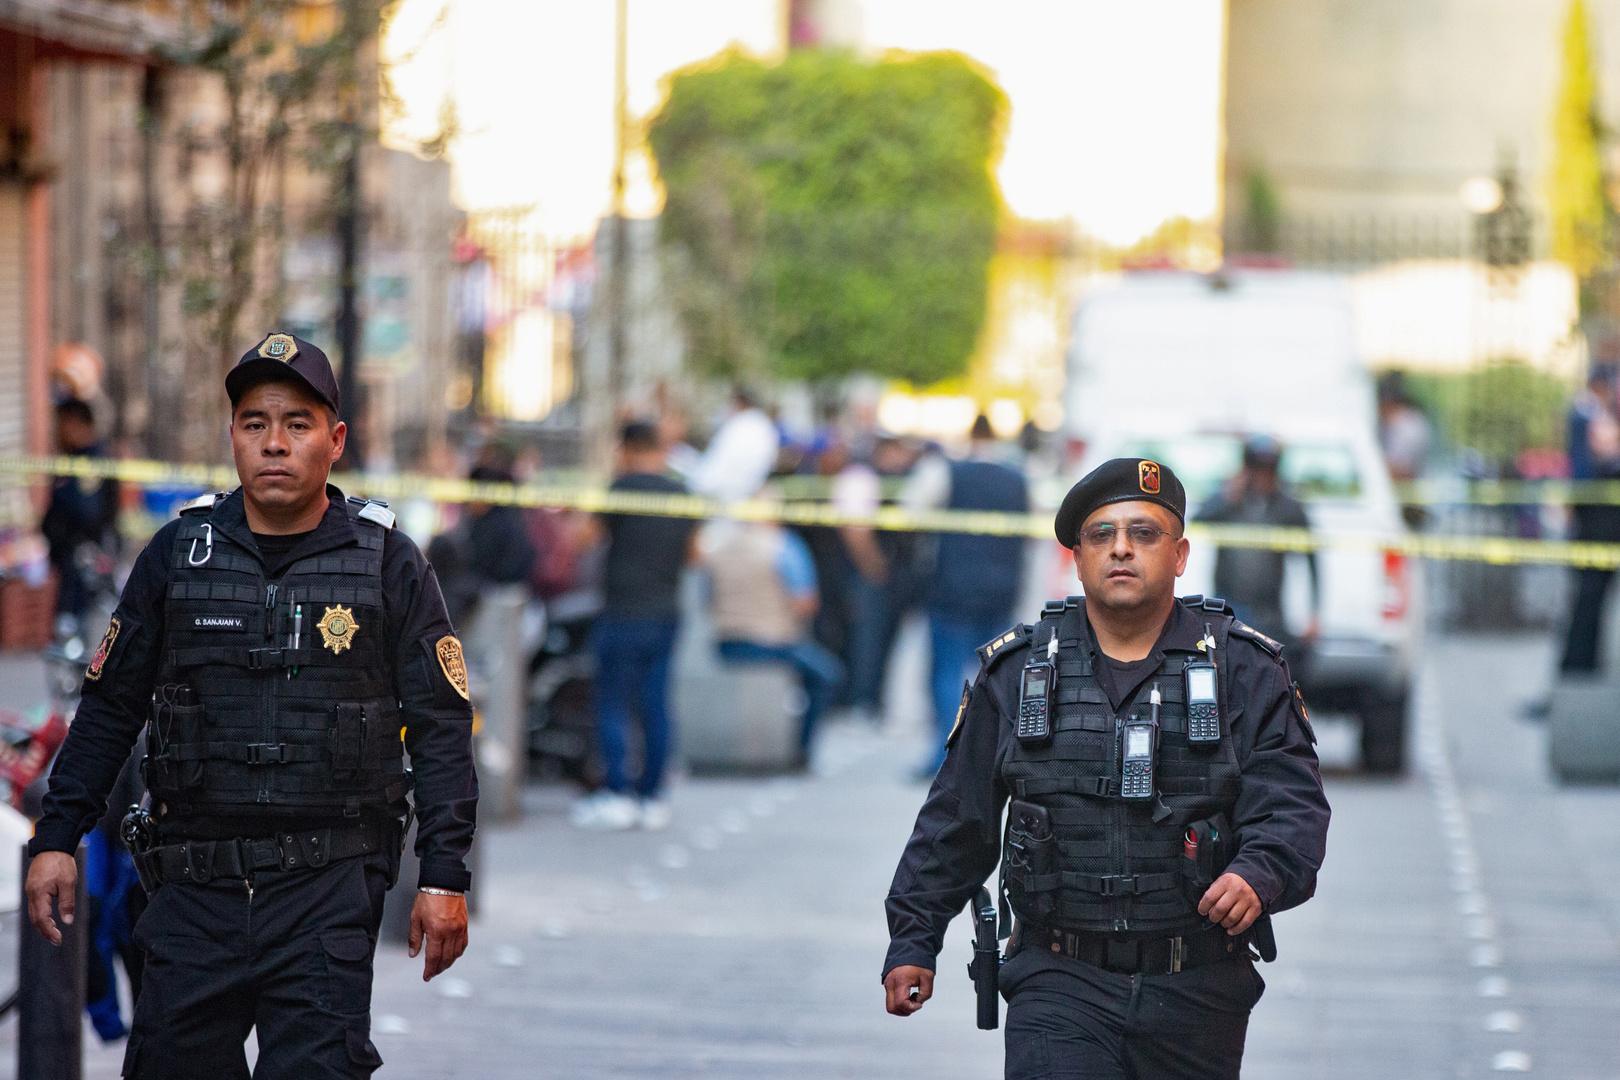 مقتل 4 أشخاص بإطلاق نار أمام القصر الرئاسي في المكسيك